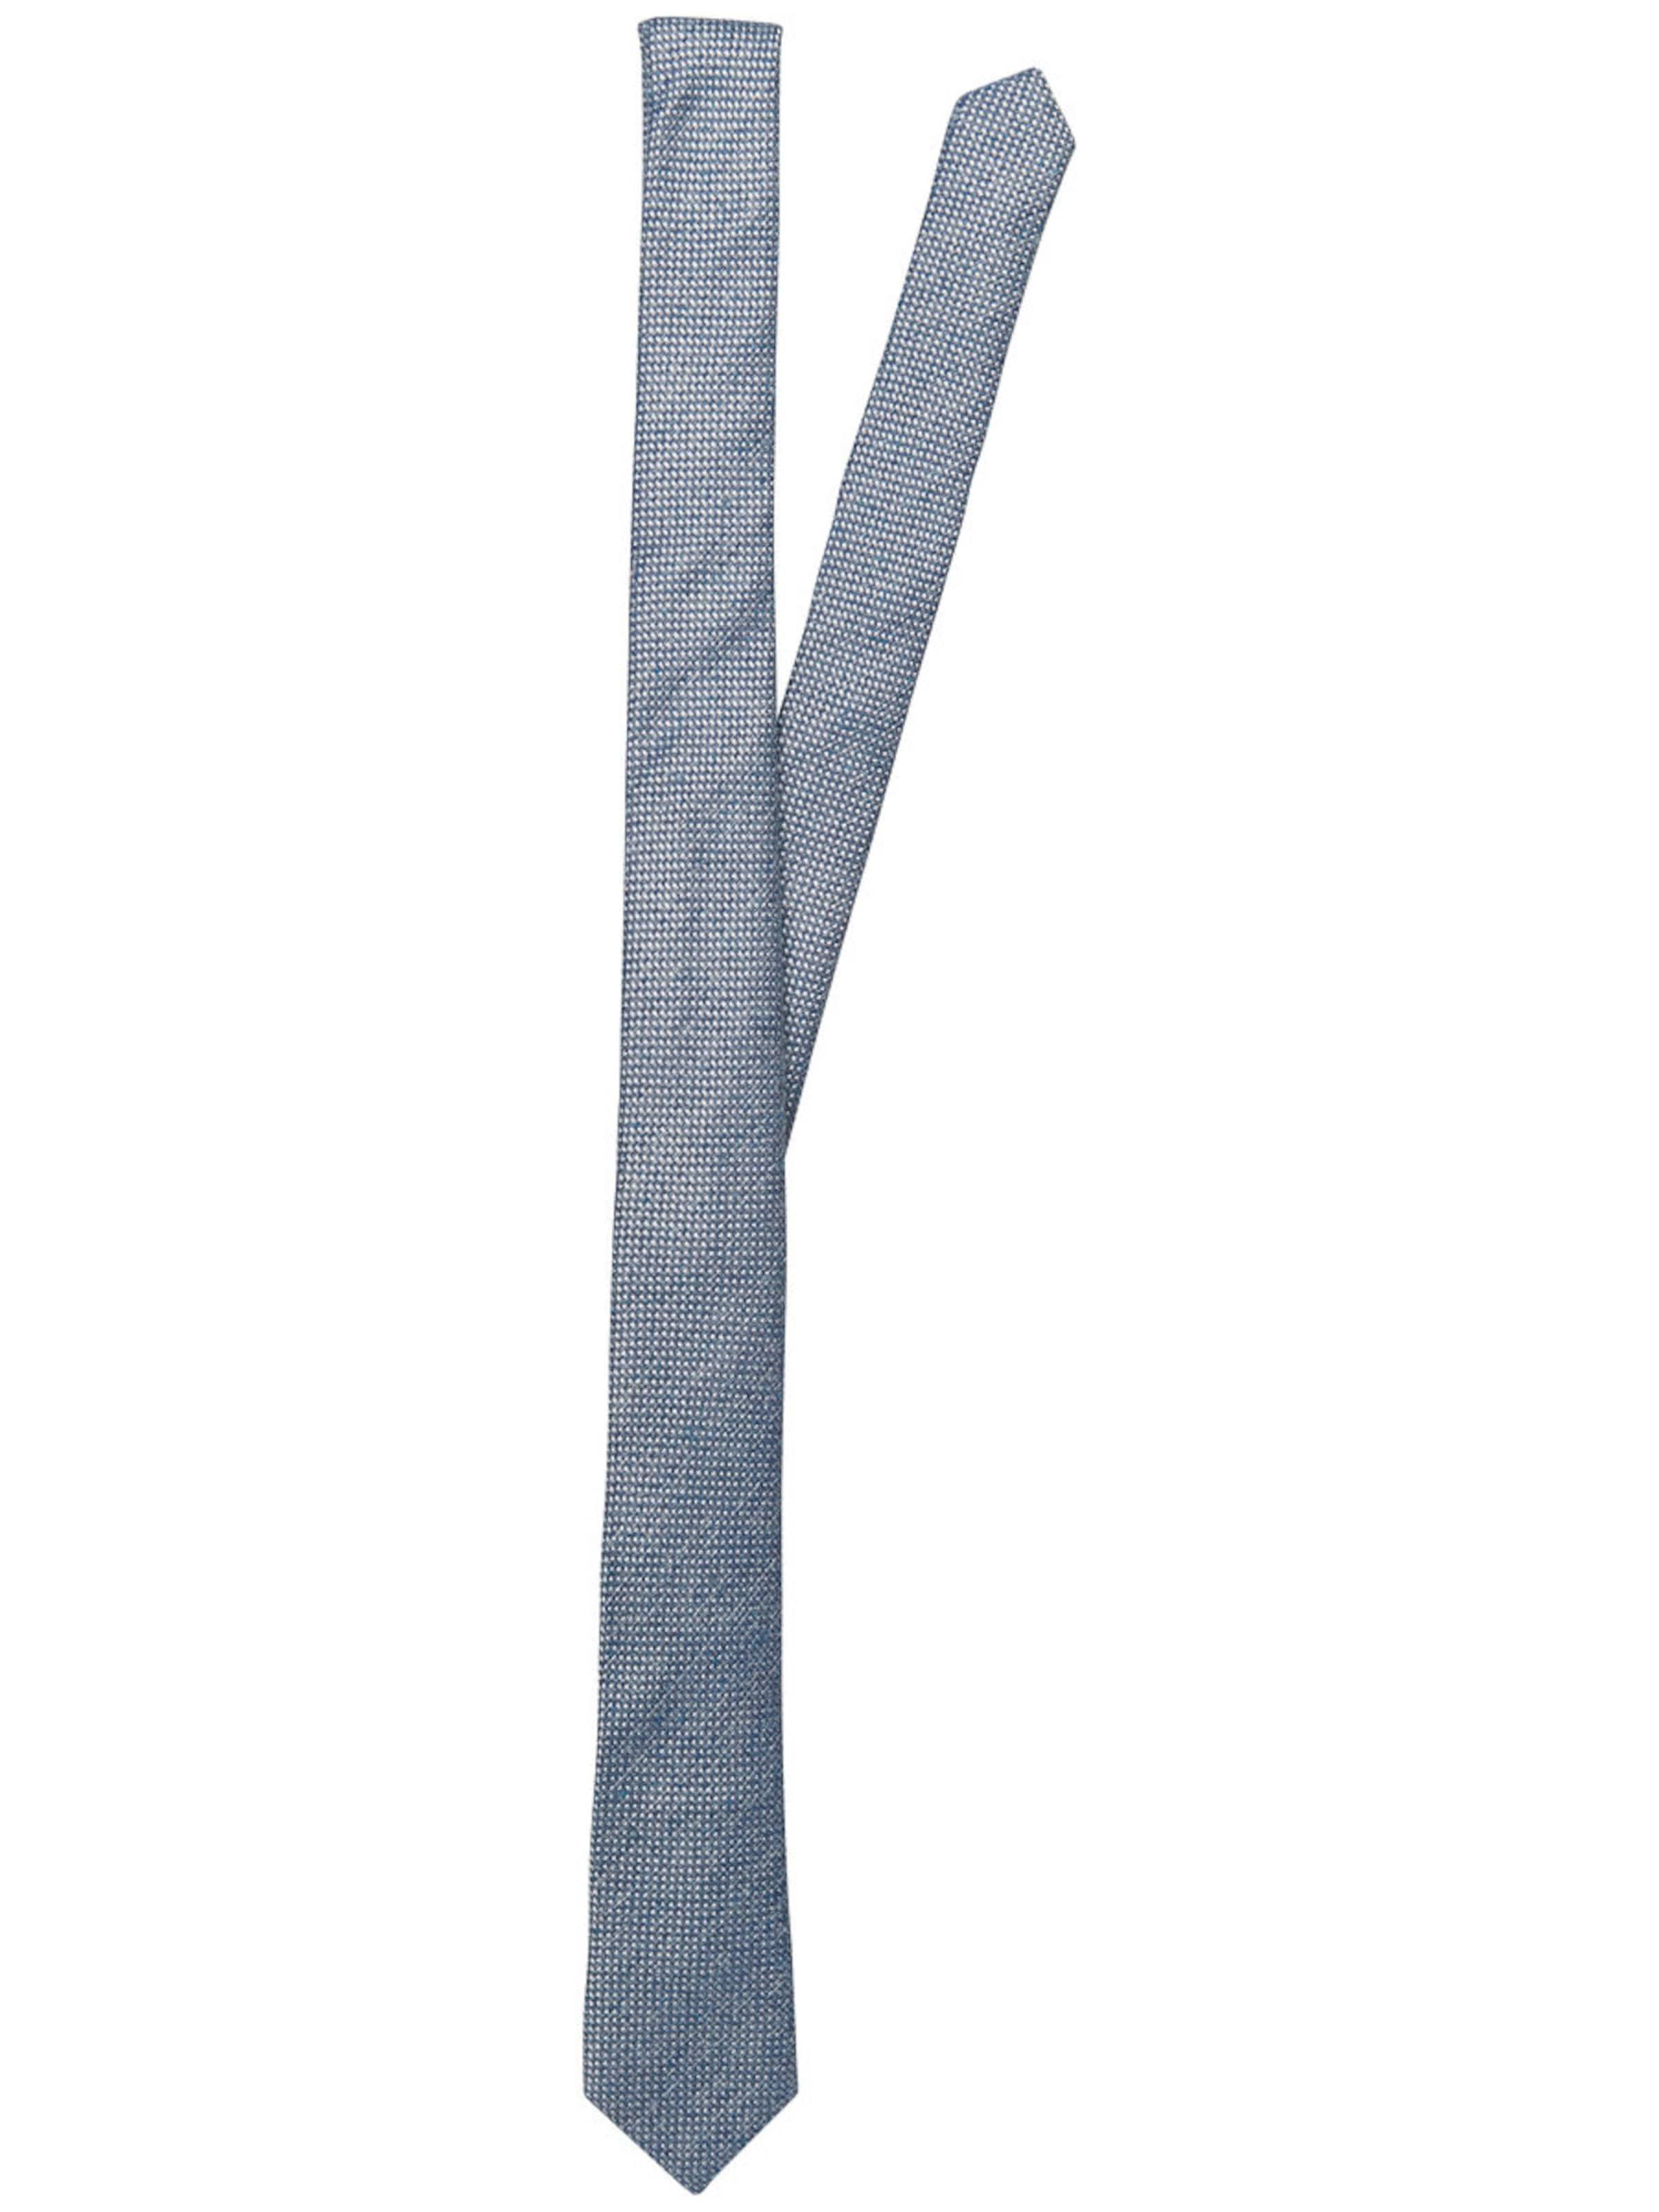 Günstig Kaufen Offizielle Seite Kaufen Billig Großhandelspreis SELECTED HOMME Seiden Krawatte Manchester Günstig Online LjInG